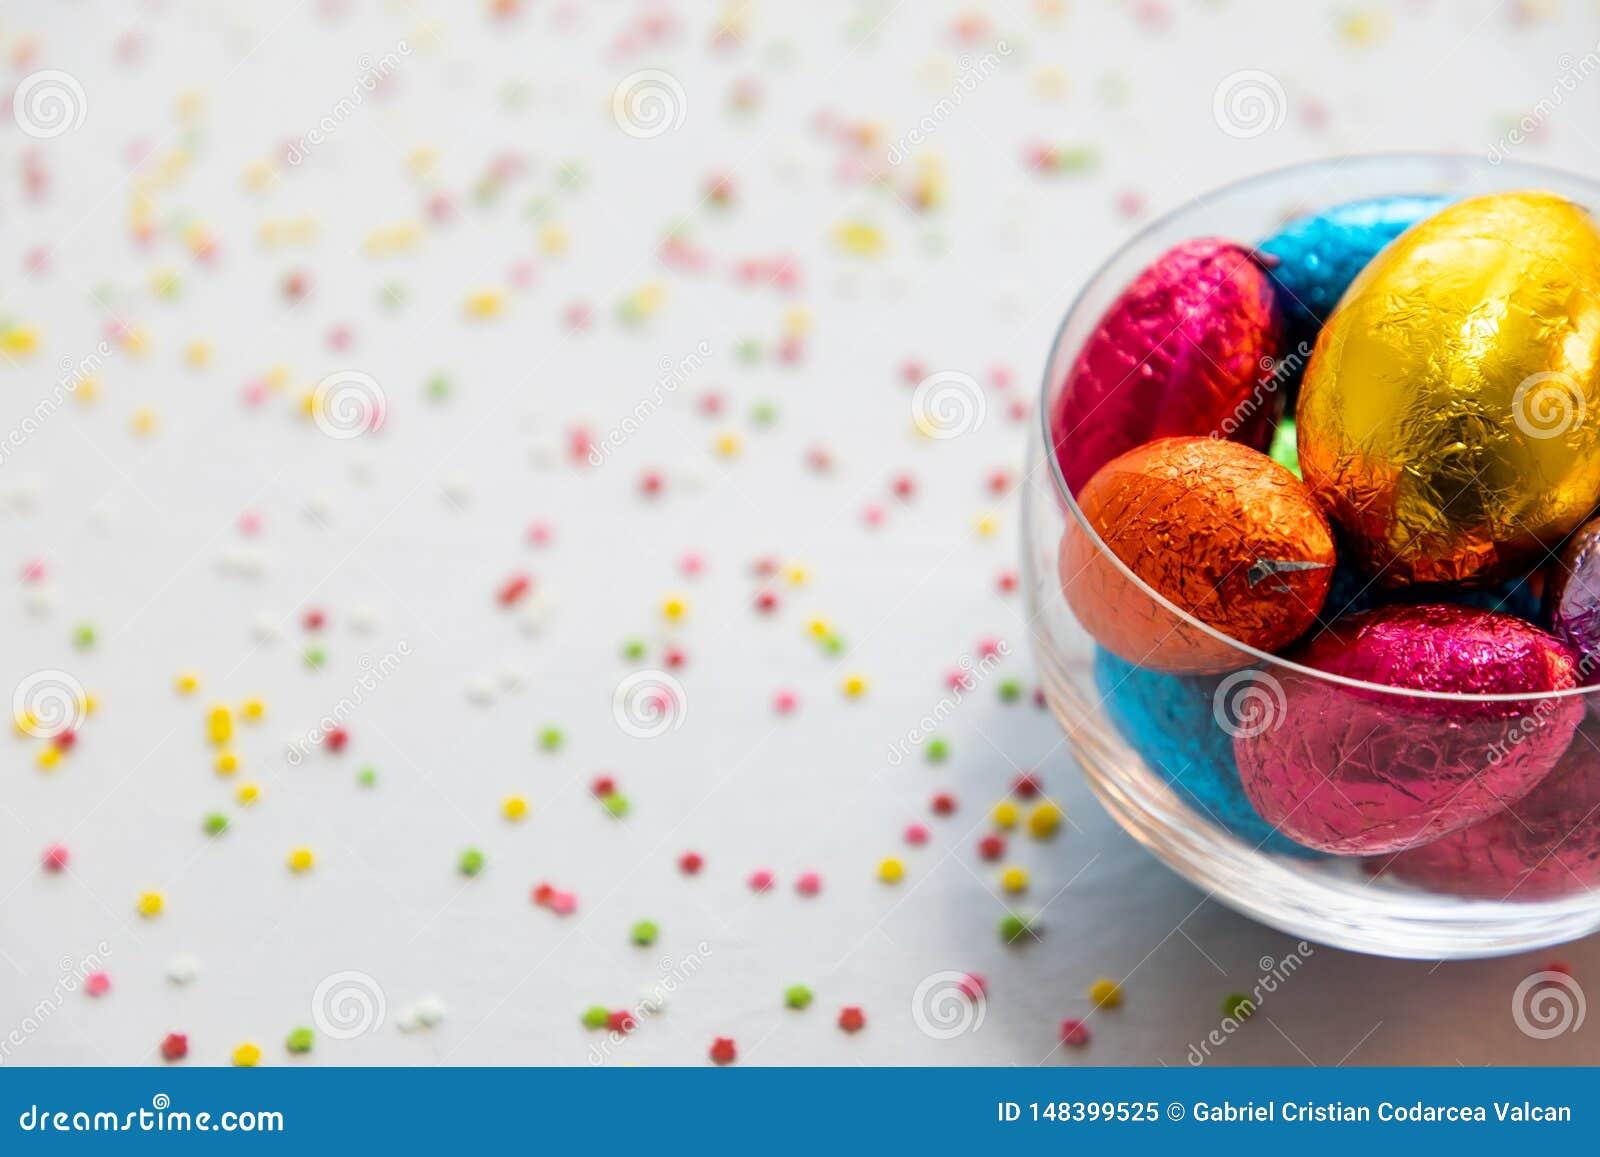 Ζωηρόχρωμα αυγά Πάσχας σοκολάτας σε ένα διαφανές κύπελλο με το άσπρο υπόβαθρο και το θολωμένο κομφετί